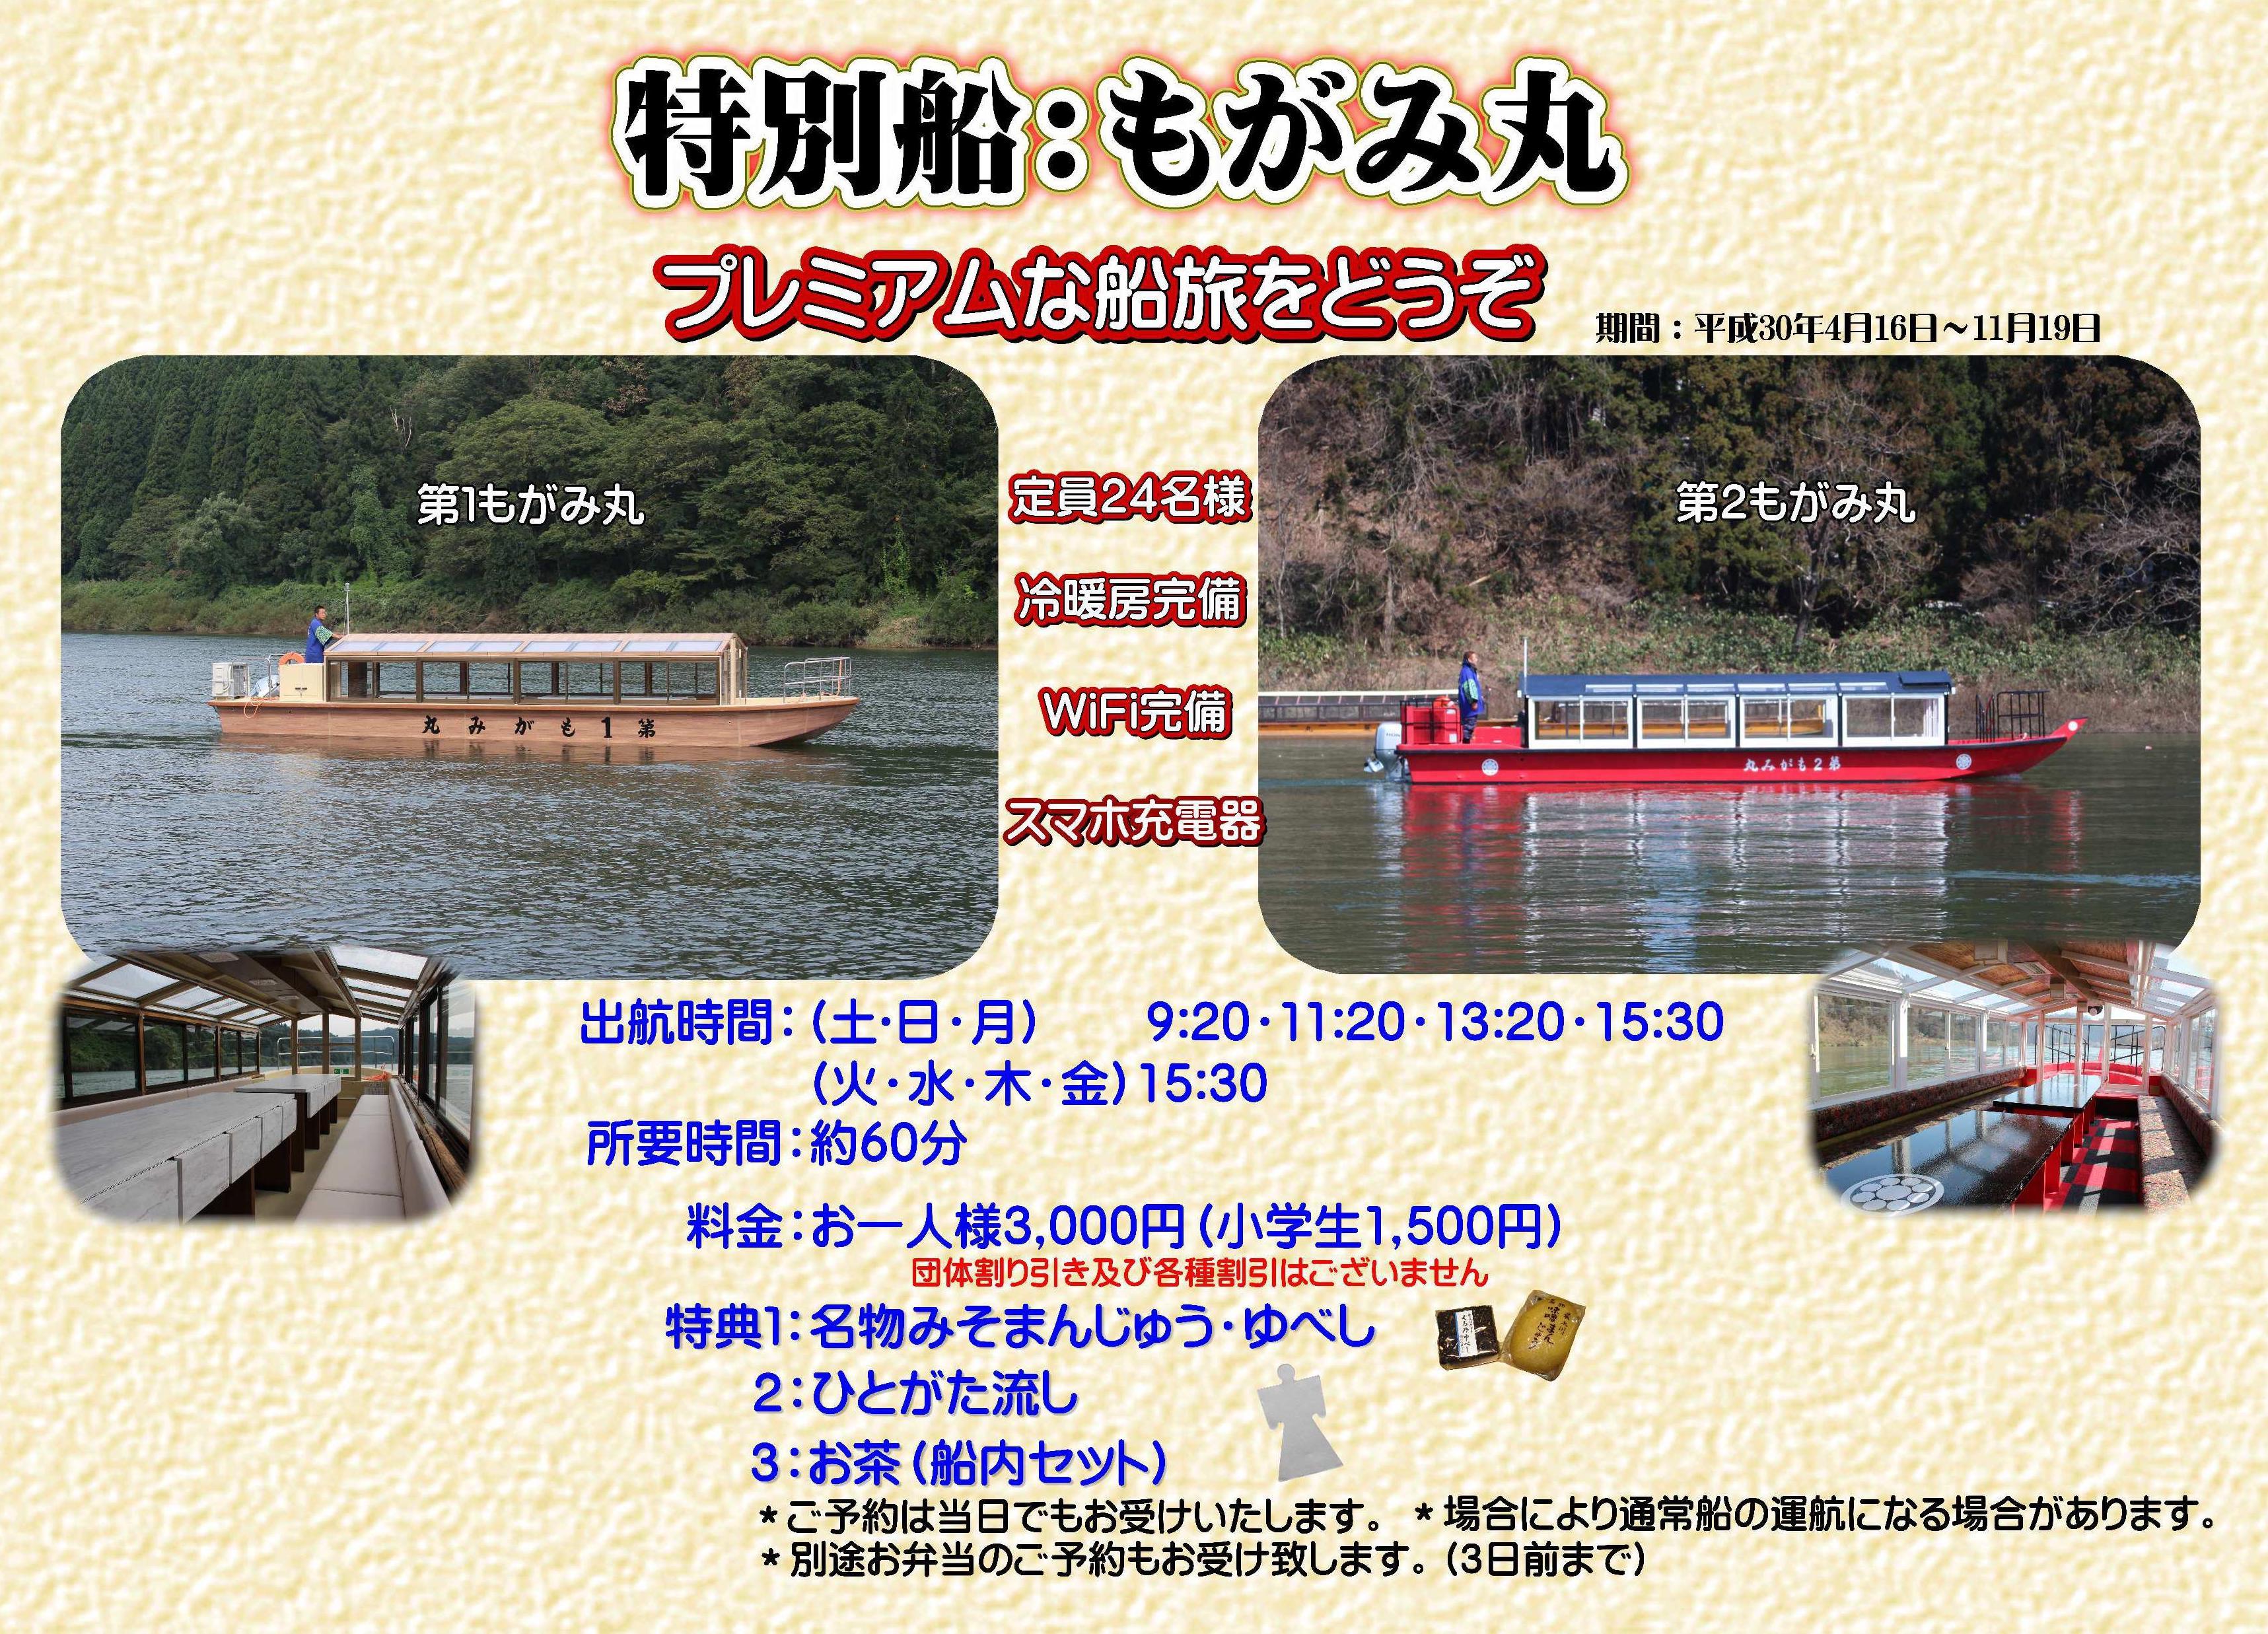 日本 山形旅遊:最上川怎麼去搭船看風景?完整交通、時刻、費用說明 @右上的世界食旅